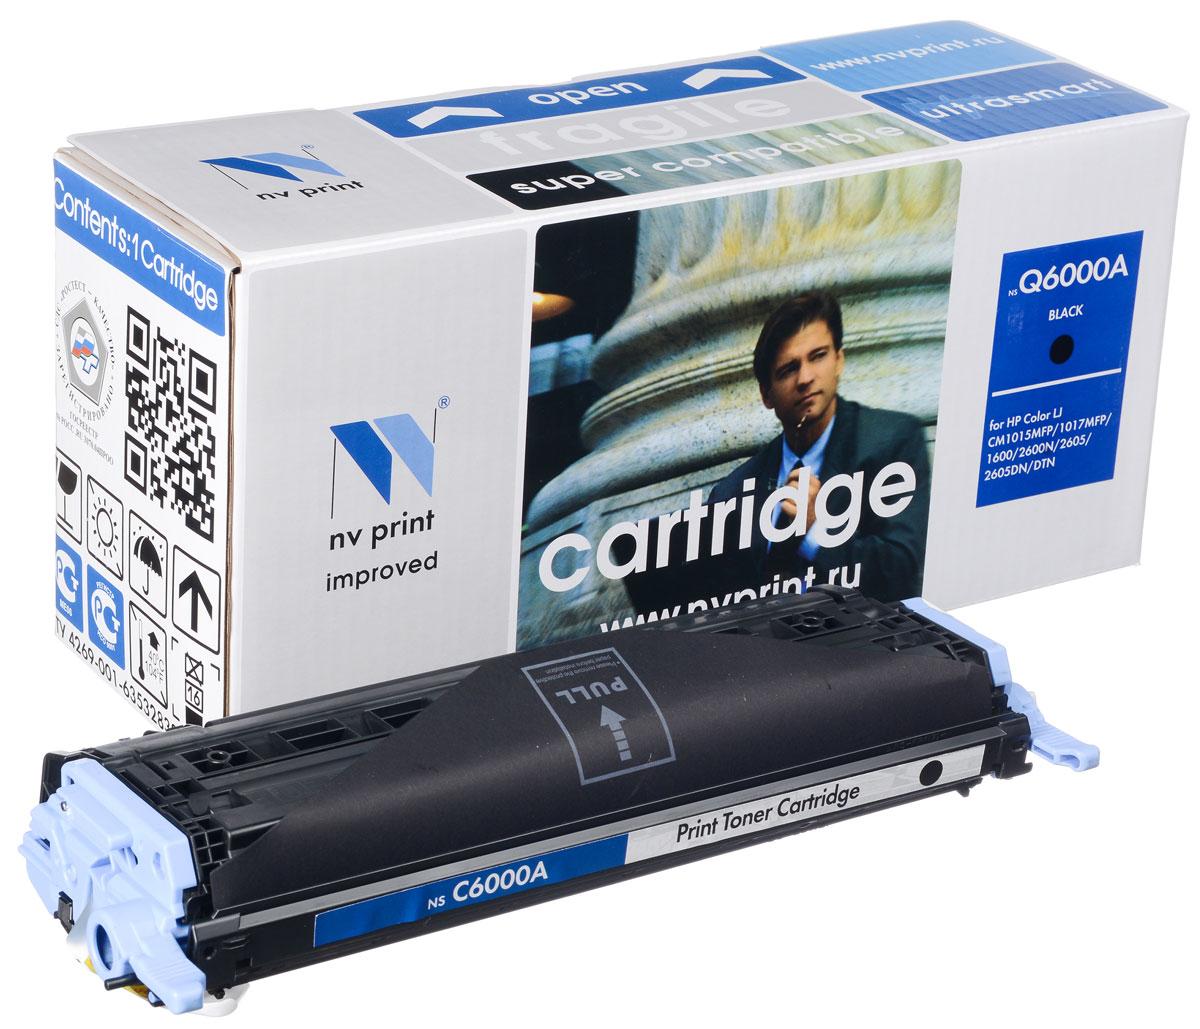 NV Print Q6000A/CAN707Bk, Black тонер-картридж для HP Color LaserJet CM1015MFP/CM1017MFP1600/2600N/2605/2605DN/DTN/Canon LBP 5000NV-Q6000A/CAN707BkСовместимый лазерный картридж NV Print Q6000A/CAN707Bk для печатающих устройств HP и Canon - это альтернатива приобретению оригинальных расходных материалов. При этом качество печати остается высоким. Картридж обеспечивает повышенную чёткость чёрного текста и плавность переходов оттенков серого цвета и полутонов, позволяет отображать мельчайшие детали изображения. Лазерные принтеры, копировальные аппараты и МФУ являются более выгодными в печати, чем струйные устройства, так как лазерных картриджей хватает на значительно большее количество отпечатков, чем обычных. Для печати в данном случае используются не чернила, а тонер.